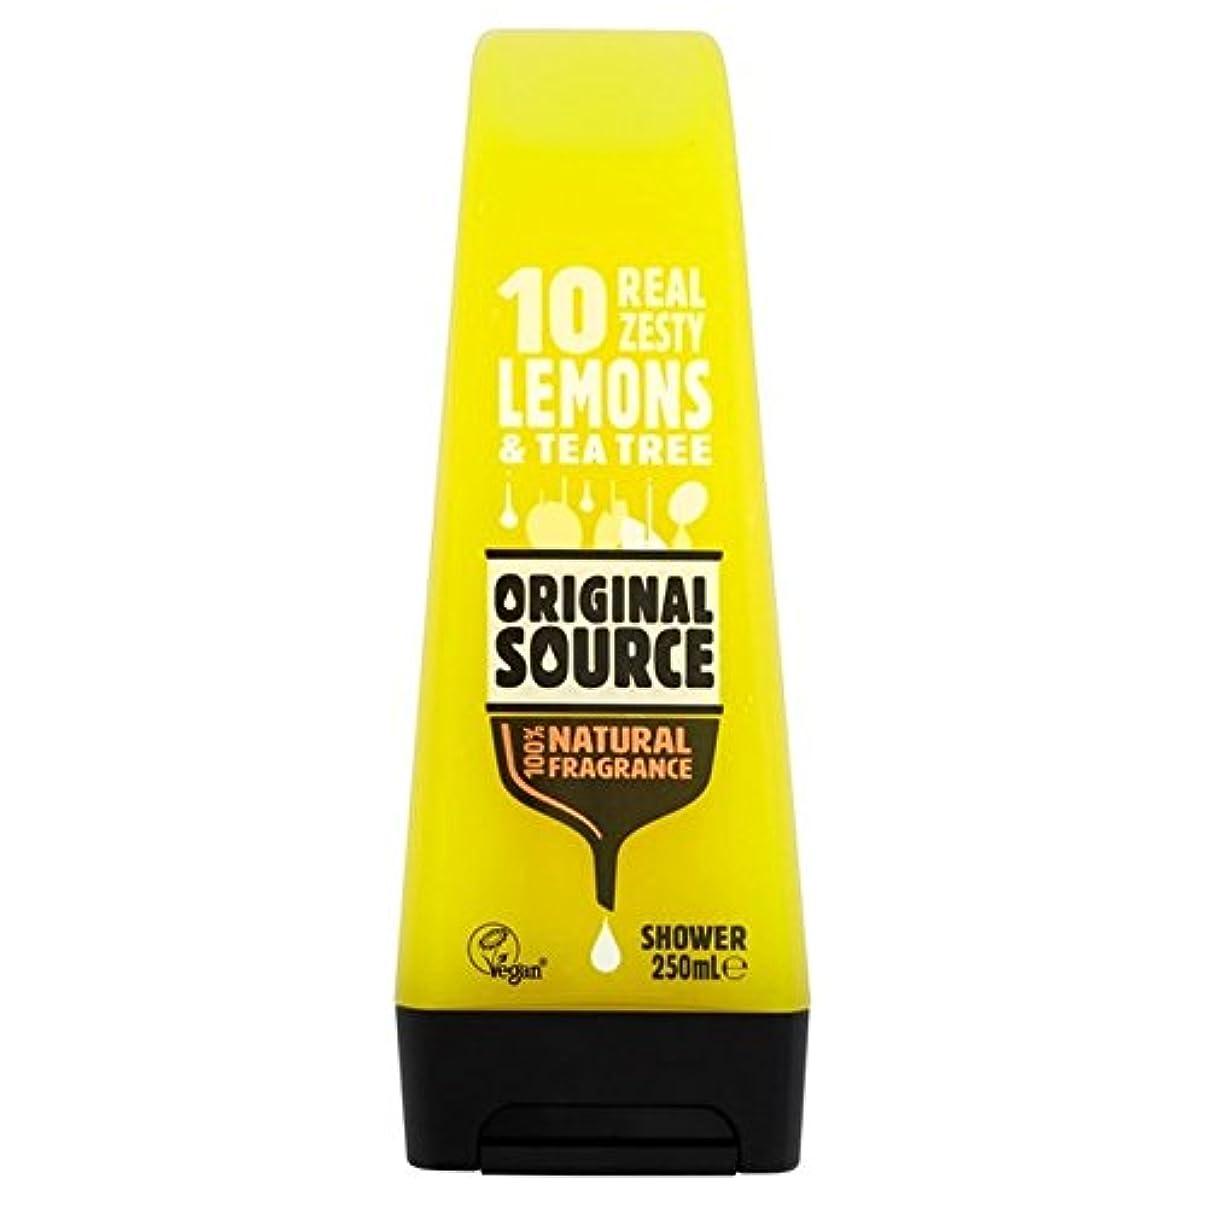 狼残る裁判所元のソースのレモンシャワージェル250ミリリットル x4 - Original Source Lemon Shower Gel 250ml (Pack of 4) [並行輸入品]